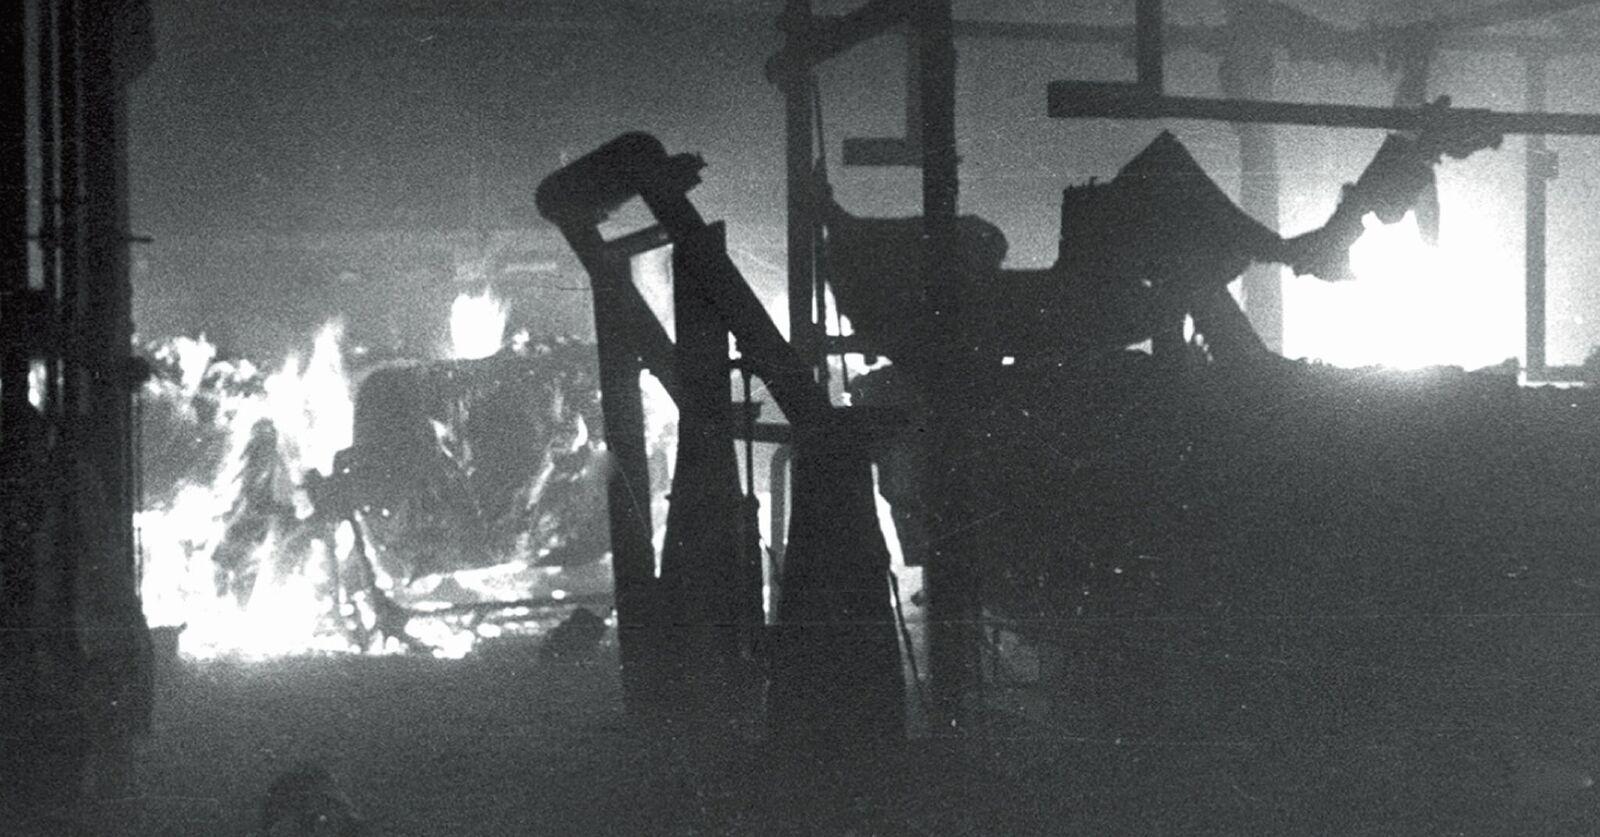 Blick auf die brennenden Maschinen. Die Hitze für die im Einsatz stehenden Männer war extrem.